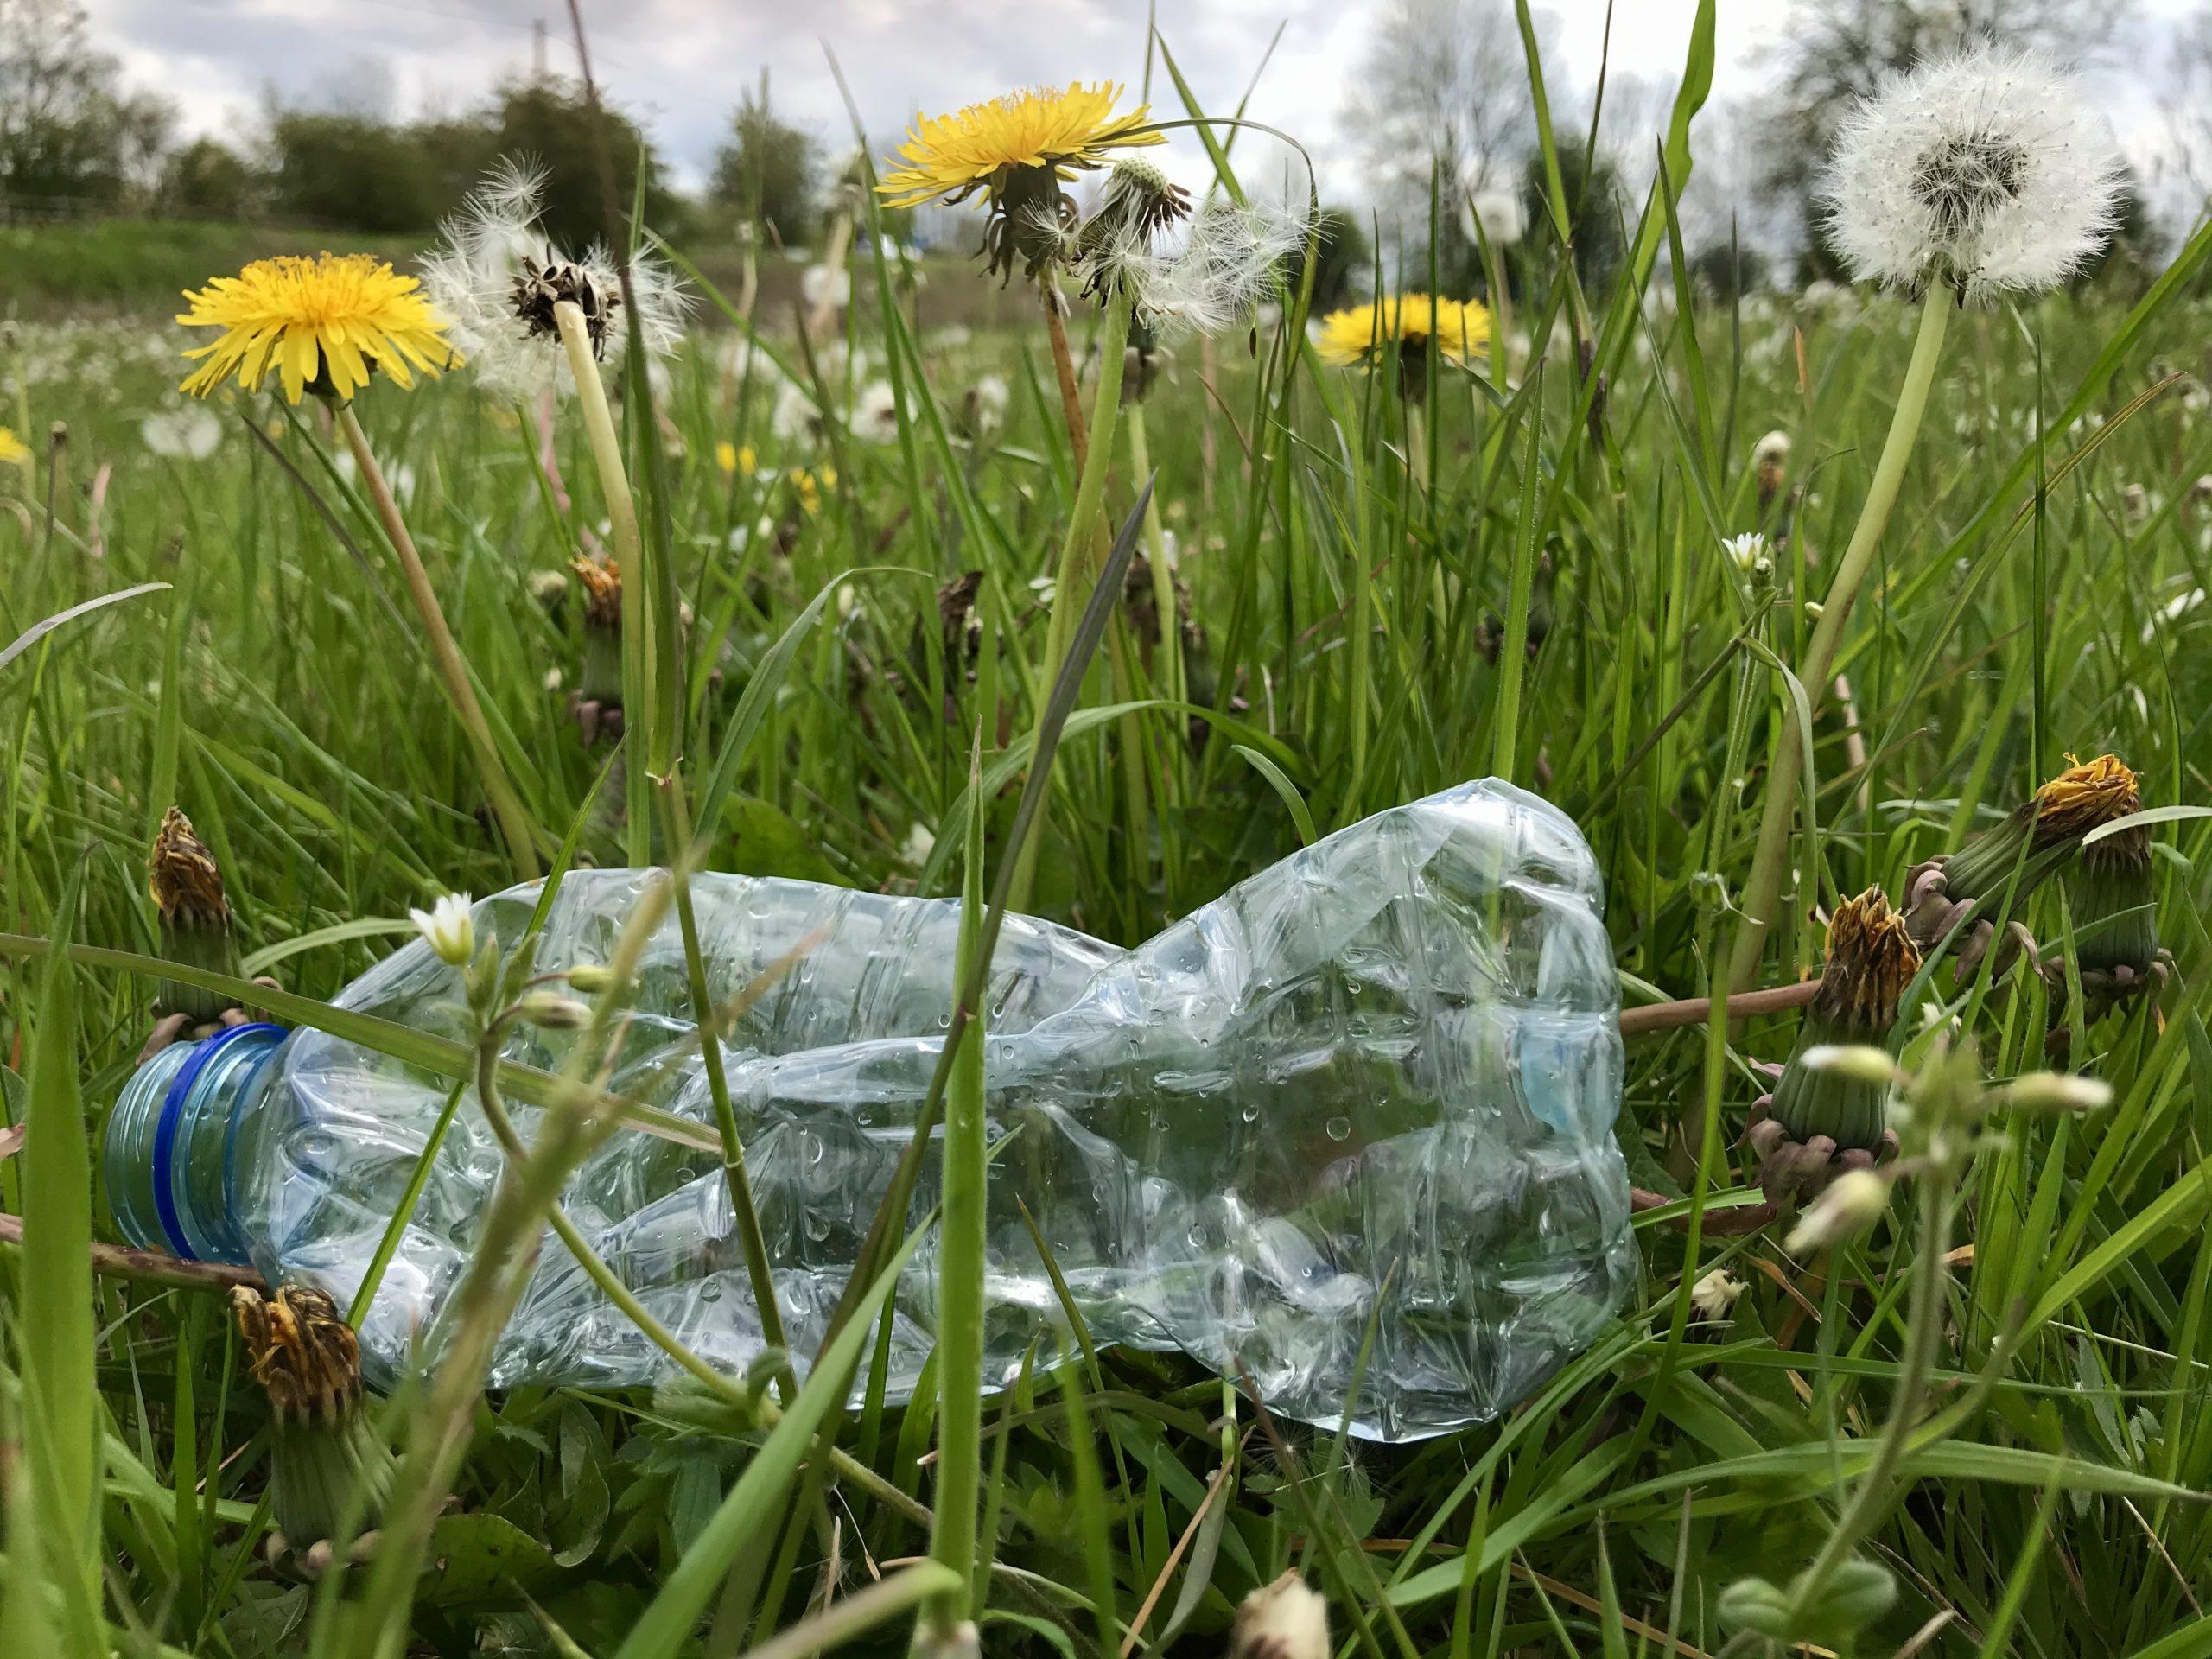 A discarded bottle in a Peak District field